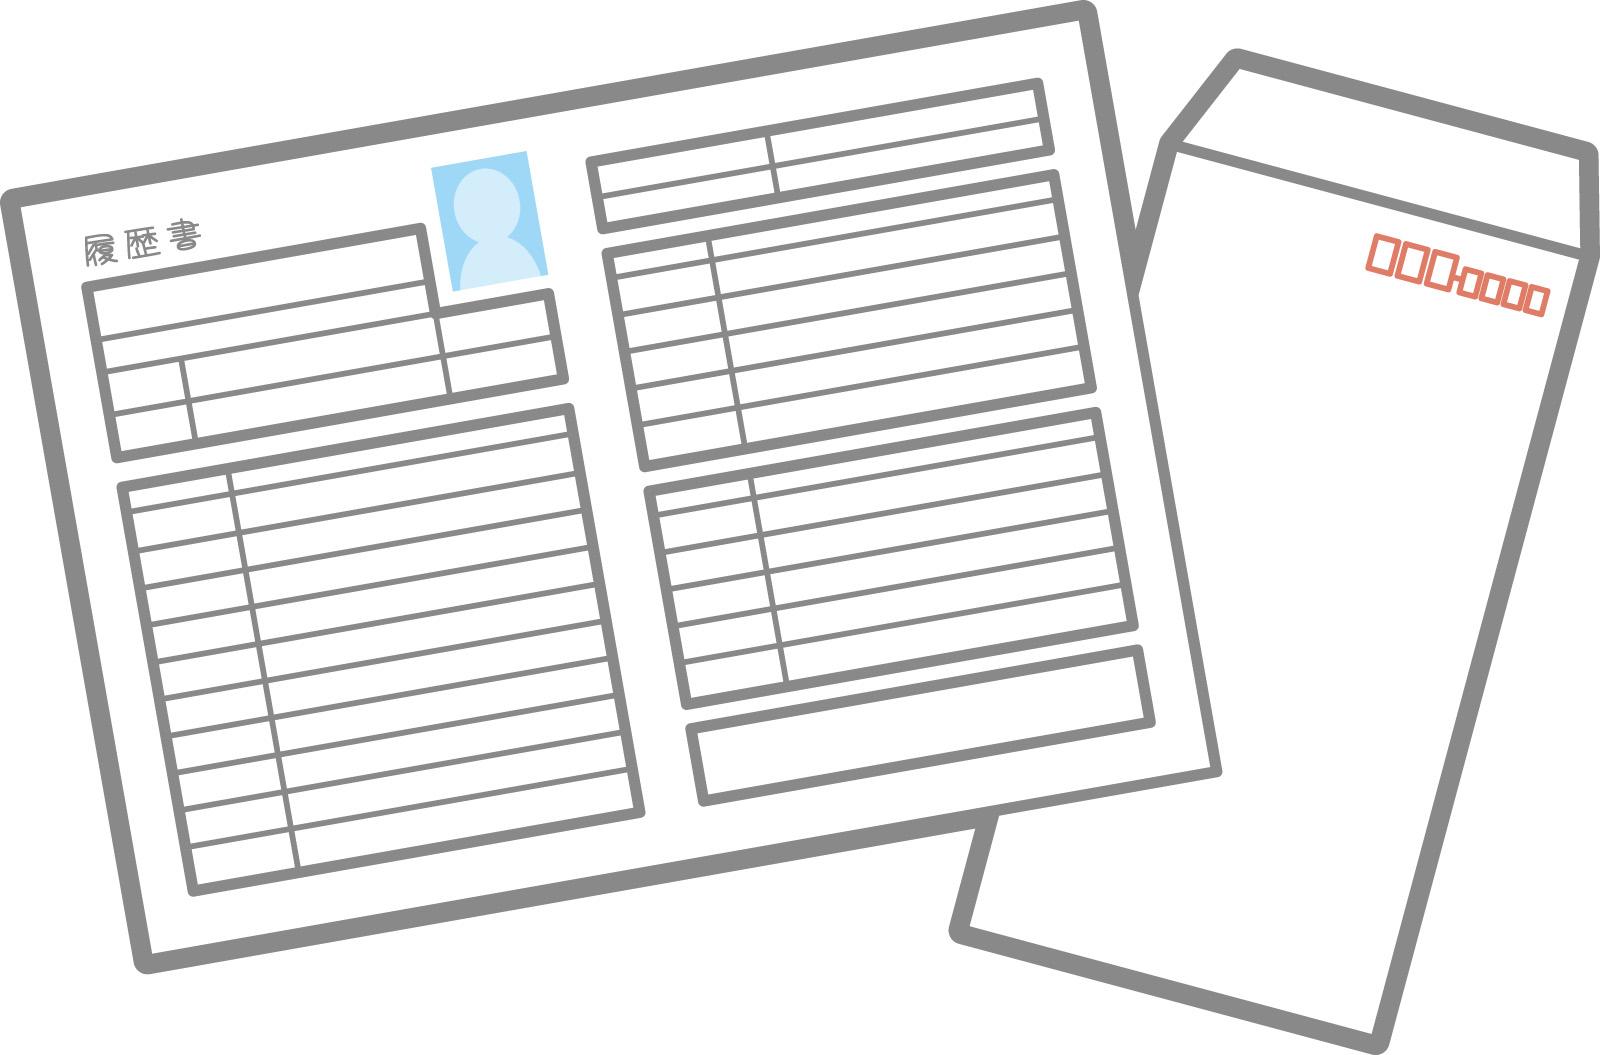 保育士の転職・履歴書の書き方4